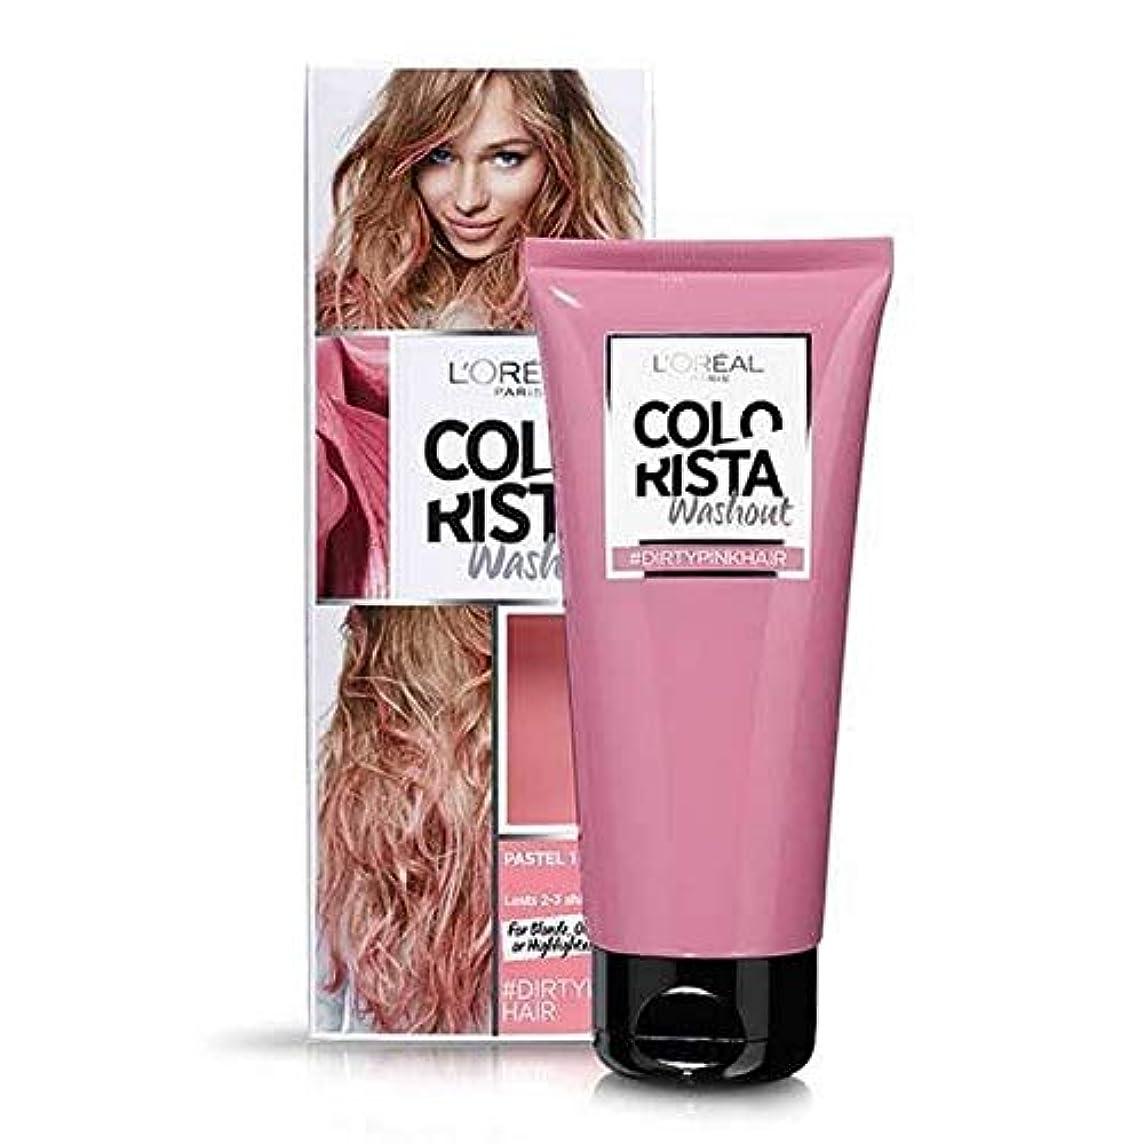 差し迫った見出し才能のある[Colorista] Colorista洗い出し汚いピンク半永久染毛剤 - Colorista Washout Dirty Pink Semi-Permanent Hair Dye [並行輸入品]